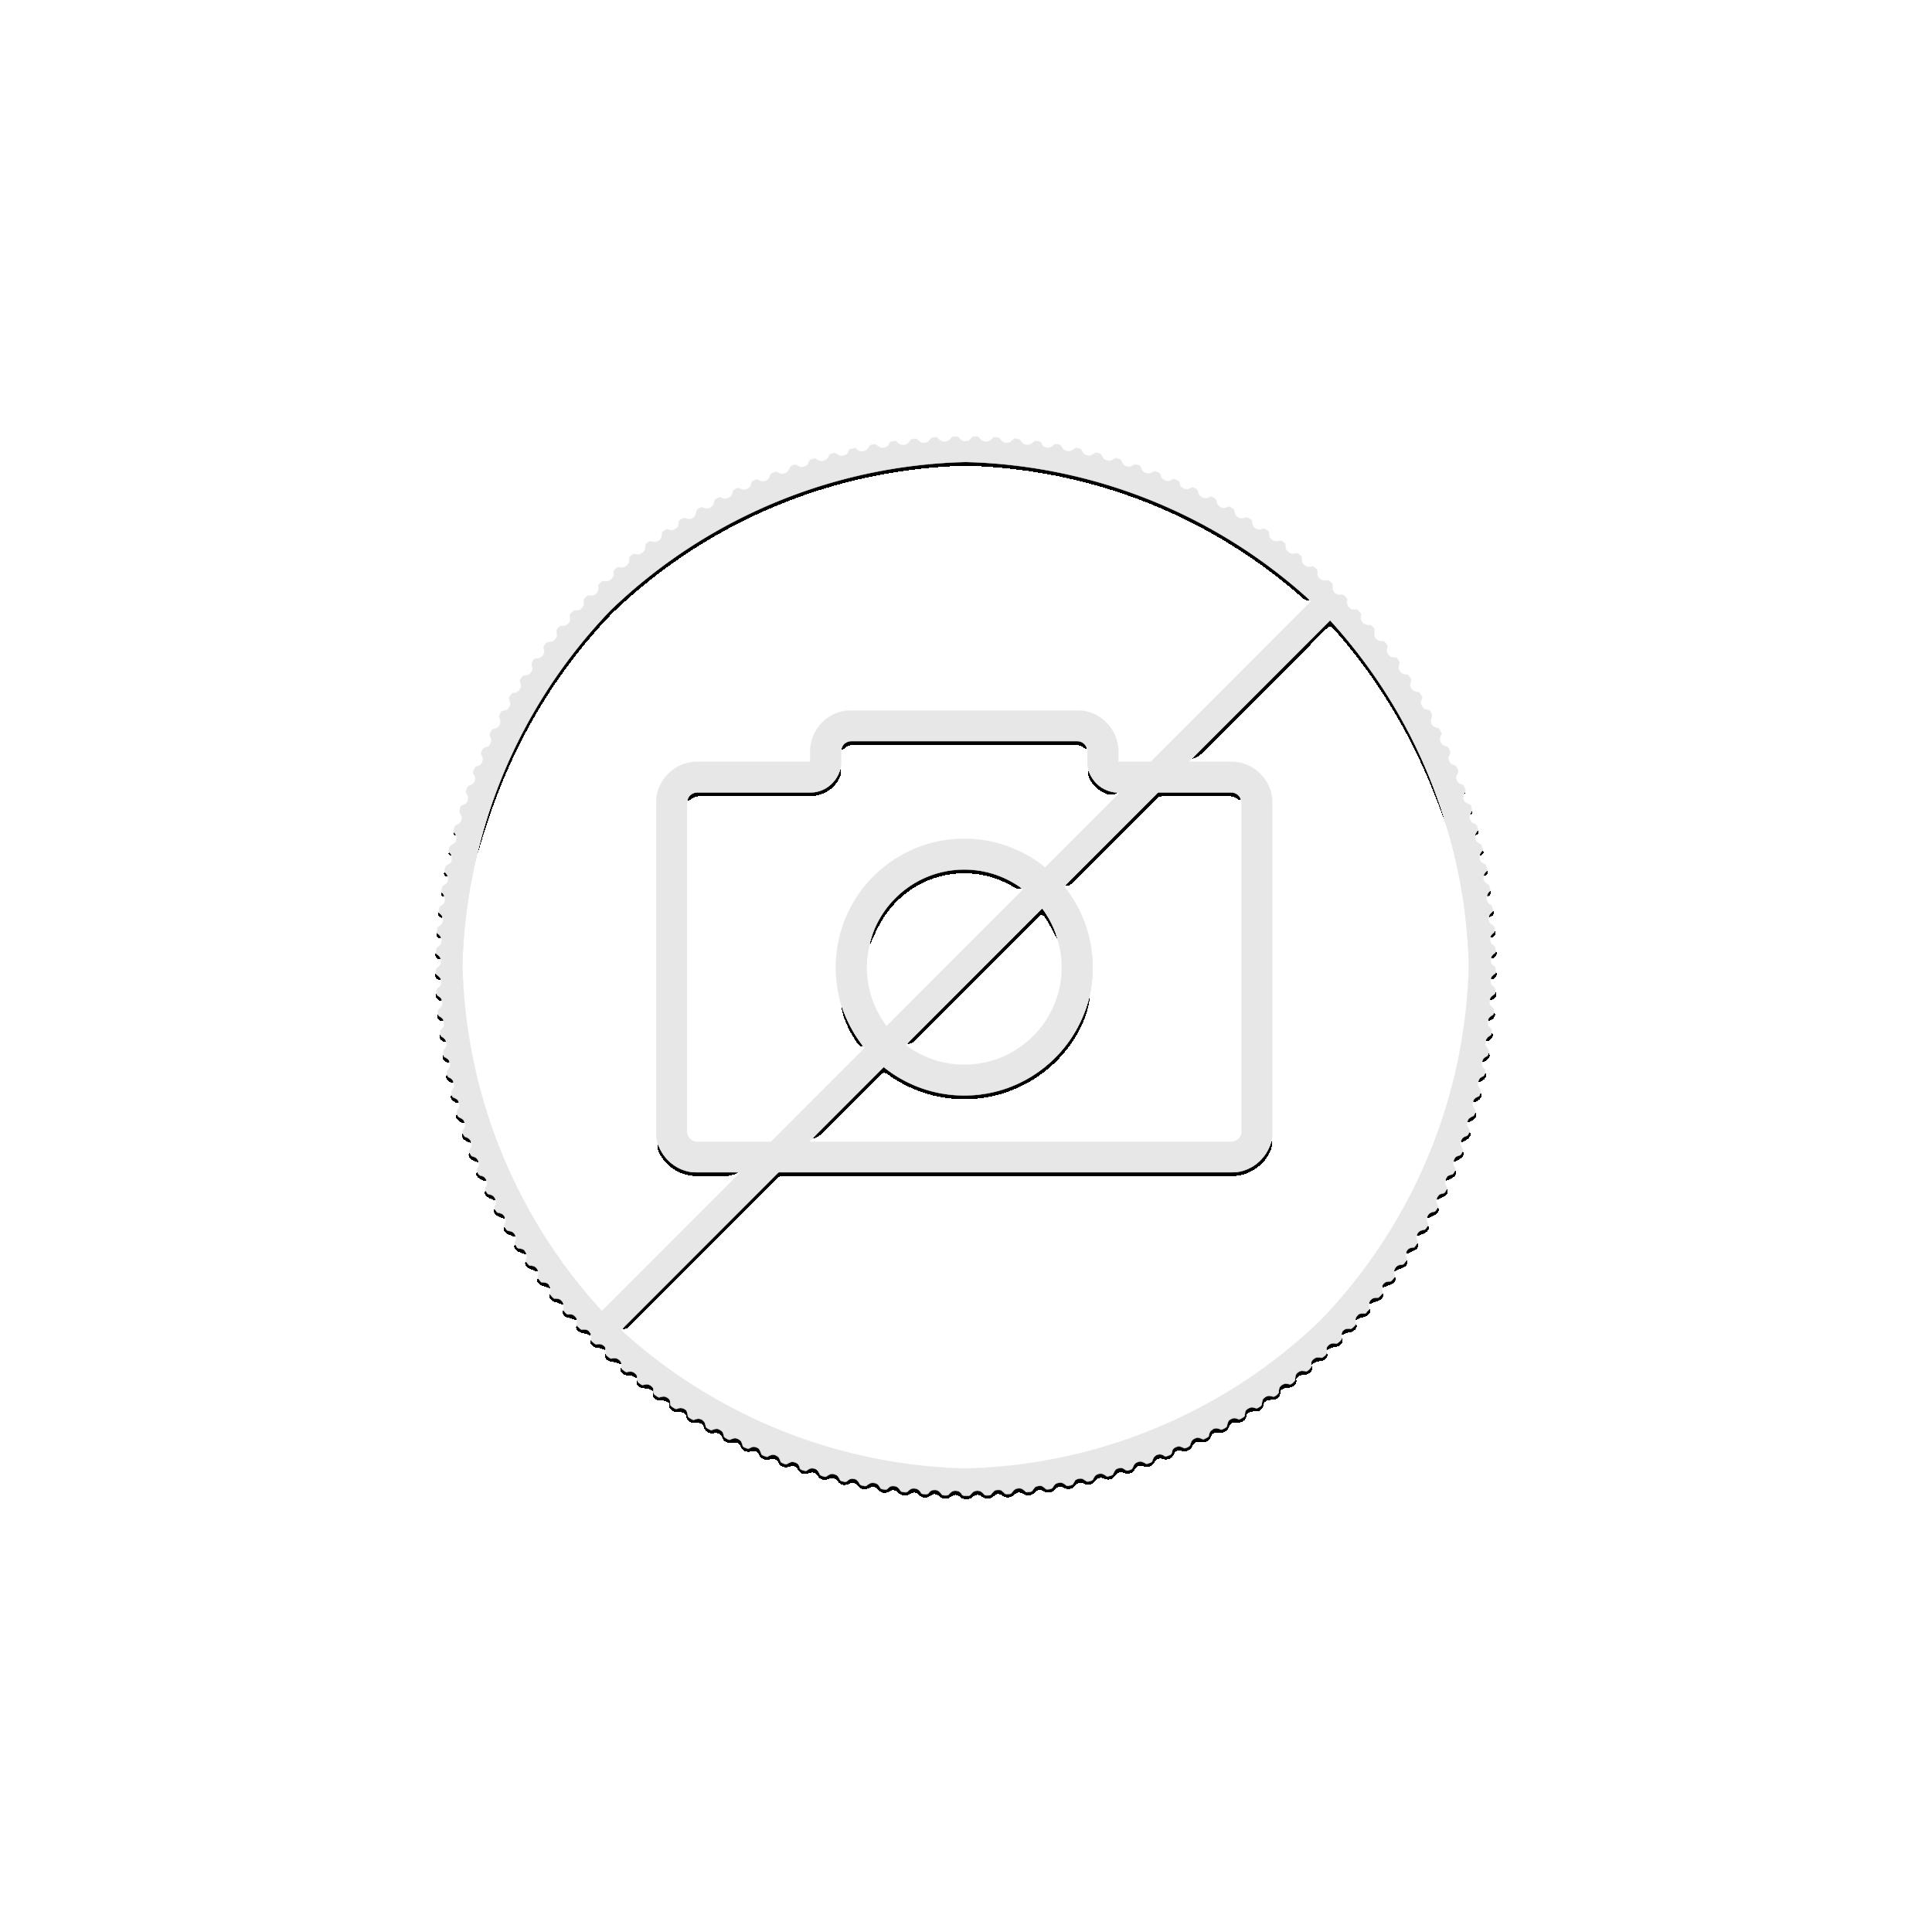 1 Troy ounce zilveren munt Golden Ring - Leopold 2019 certificaat